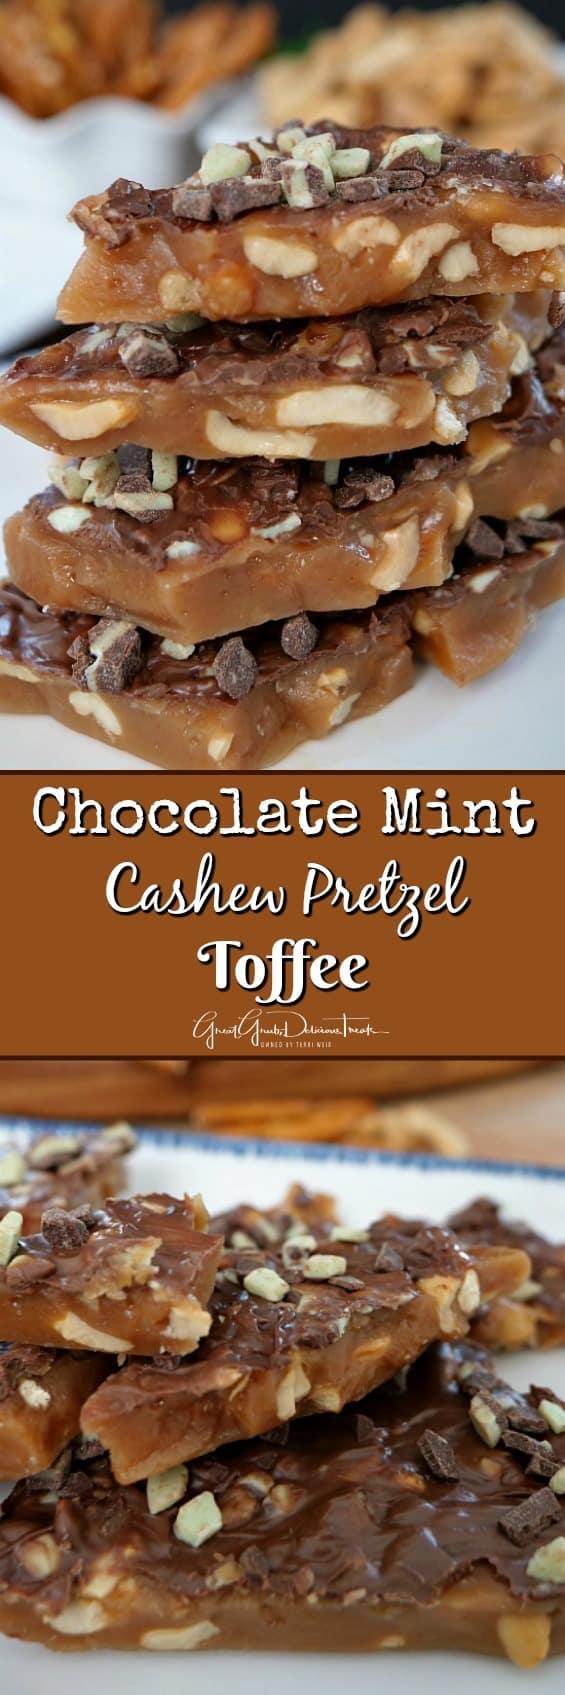 Chocolate Mint Cashew Pretzel Toffee